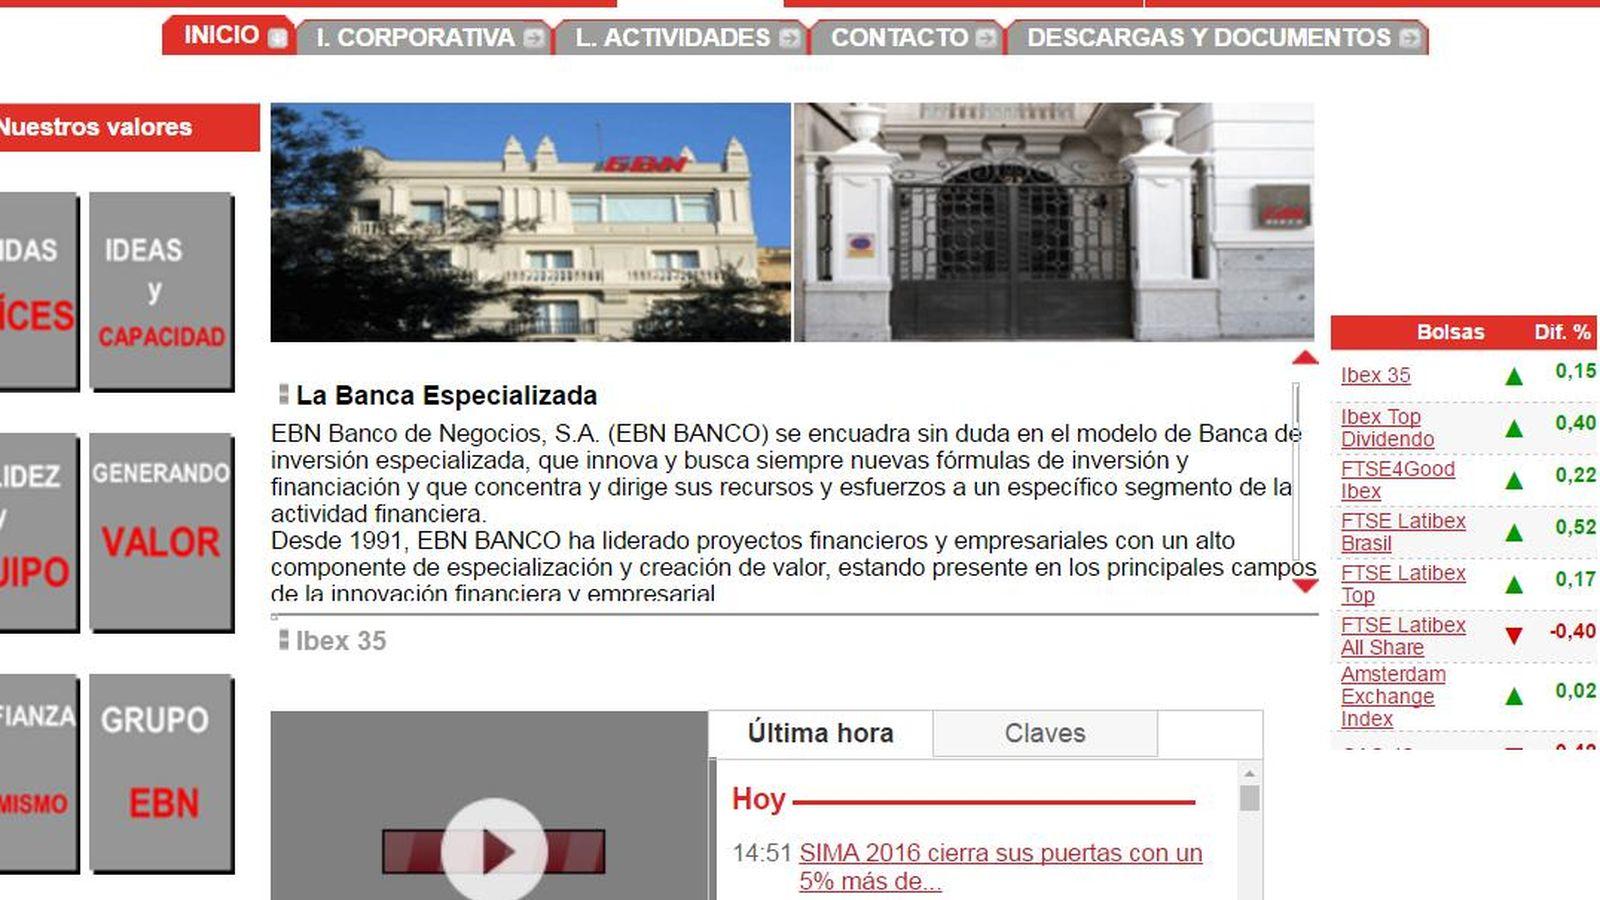 Foto: Web de EBN banco.